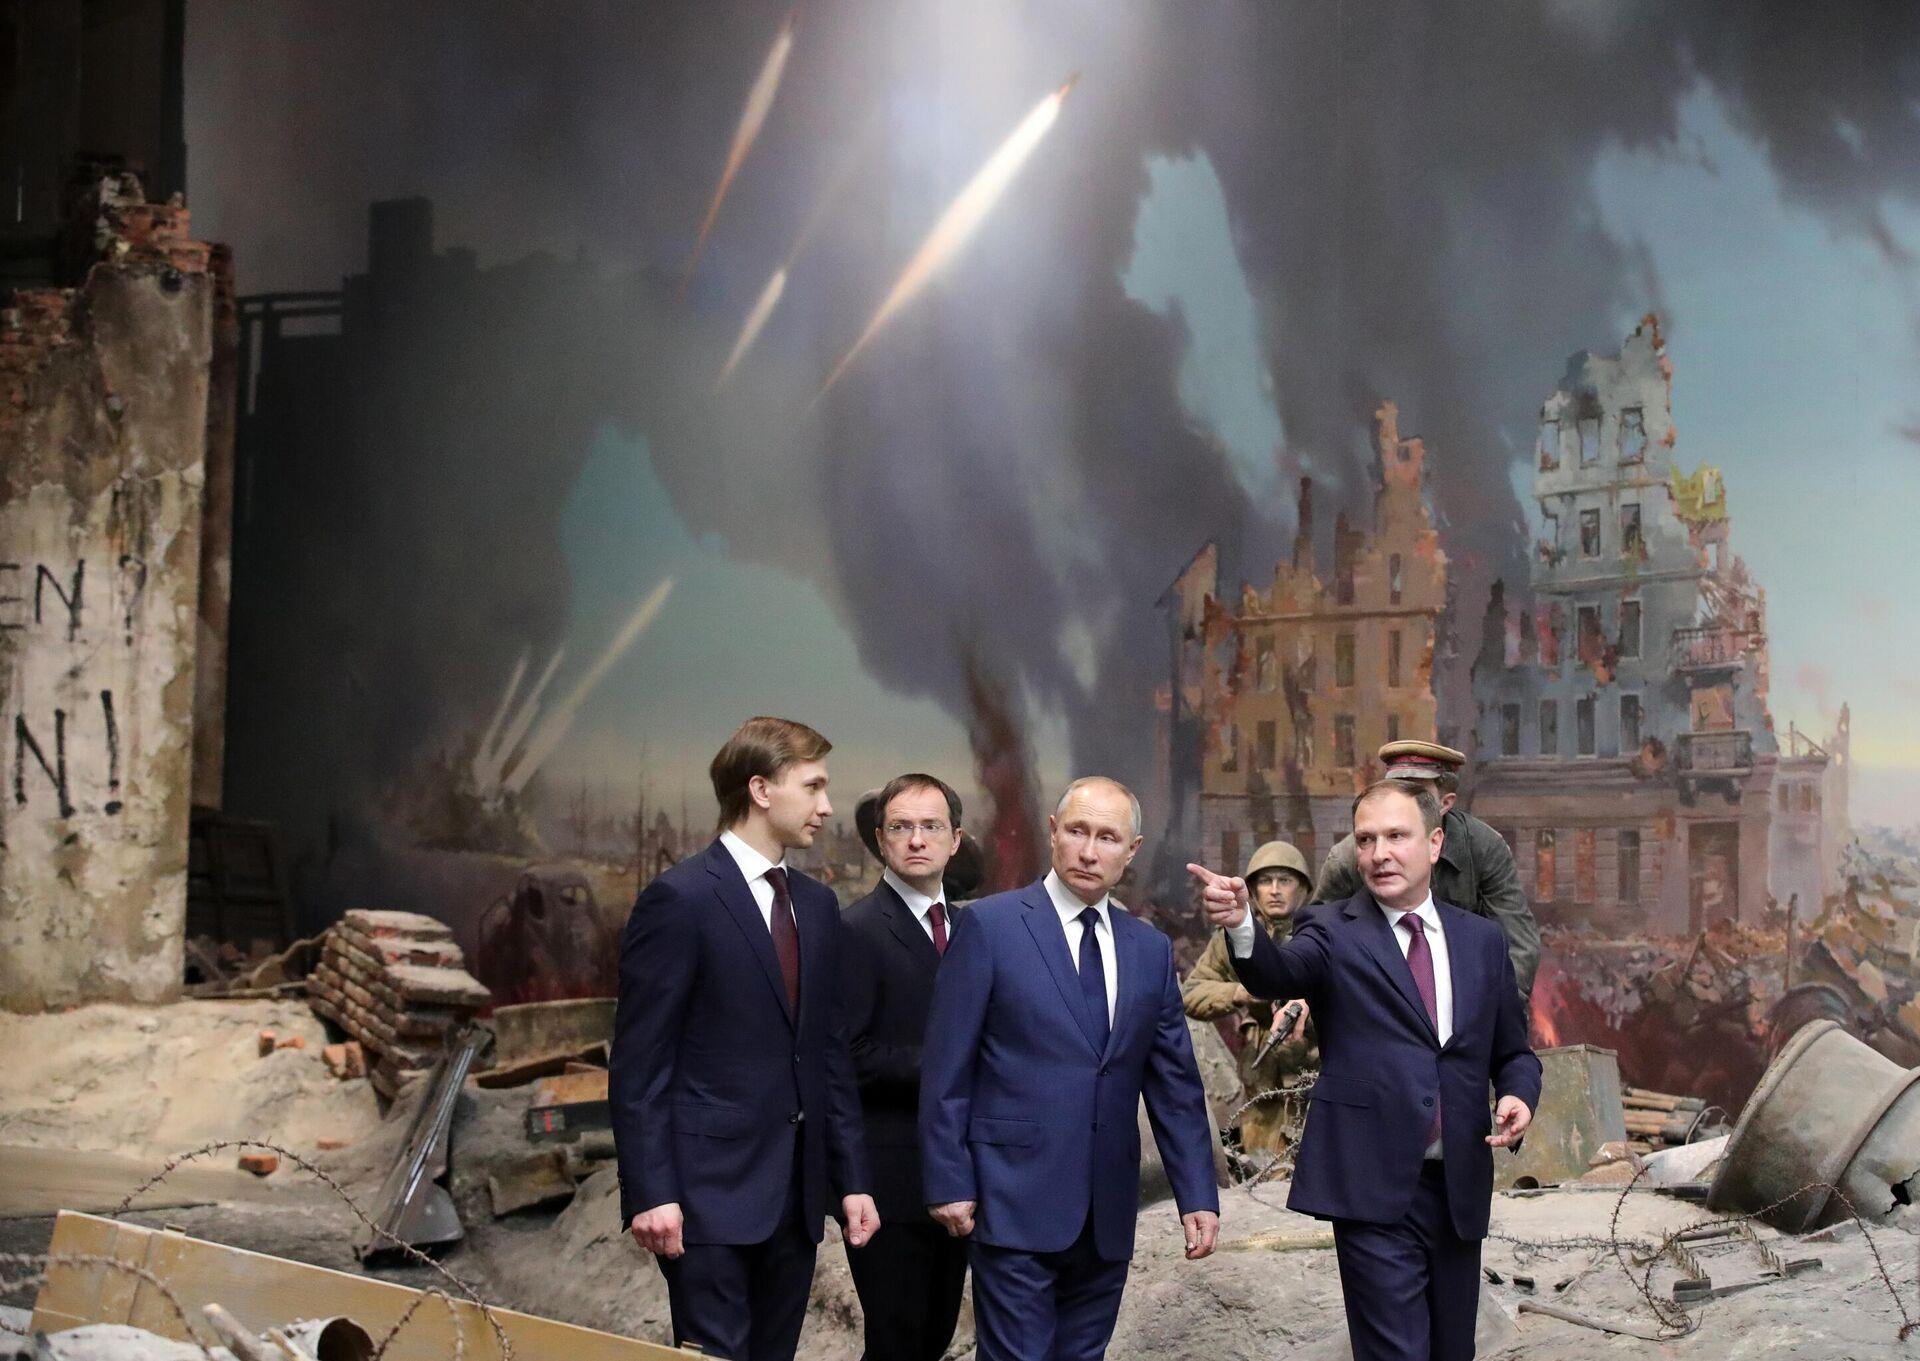 Il presidente russo Putin in visita al museo della Vittoria di Mosca - Sputnik Italia, 1920, 12.07.2021